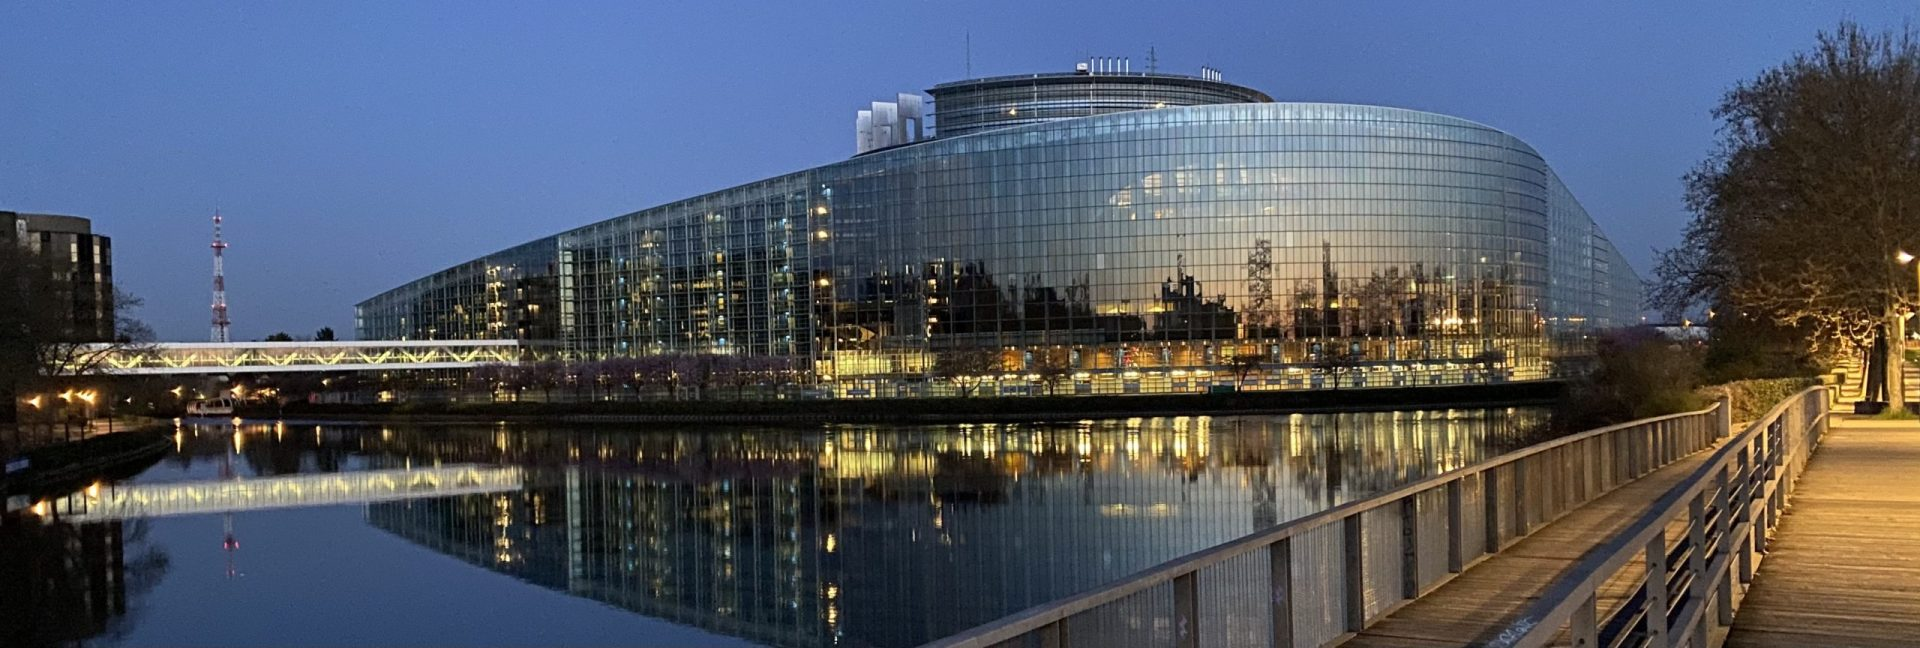 parlement européen matin